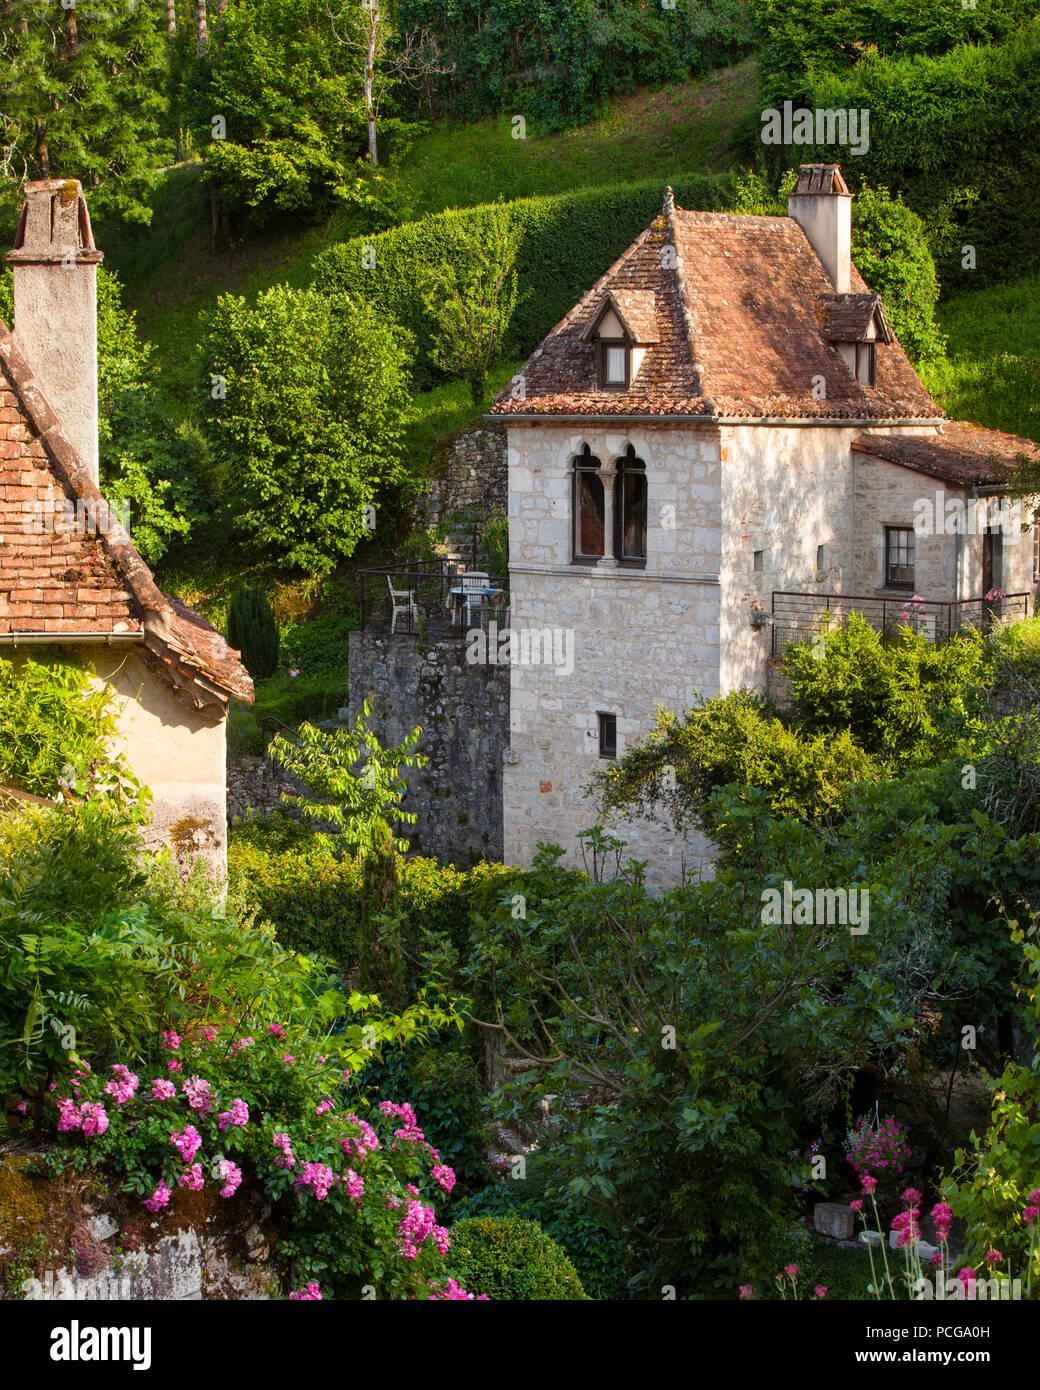 Maisons et jardins de fleurs à Saint-Cirq-Lapopie, Vallée du Lot, France Midi-Pyreness Photo Stock